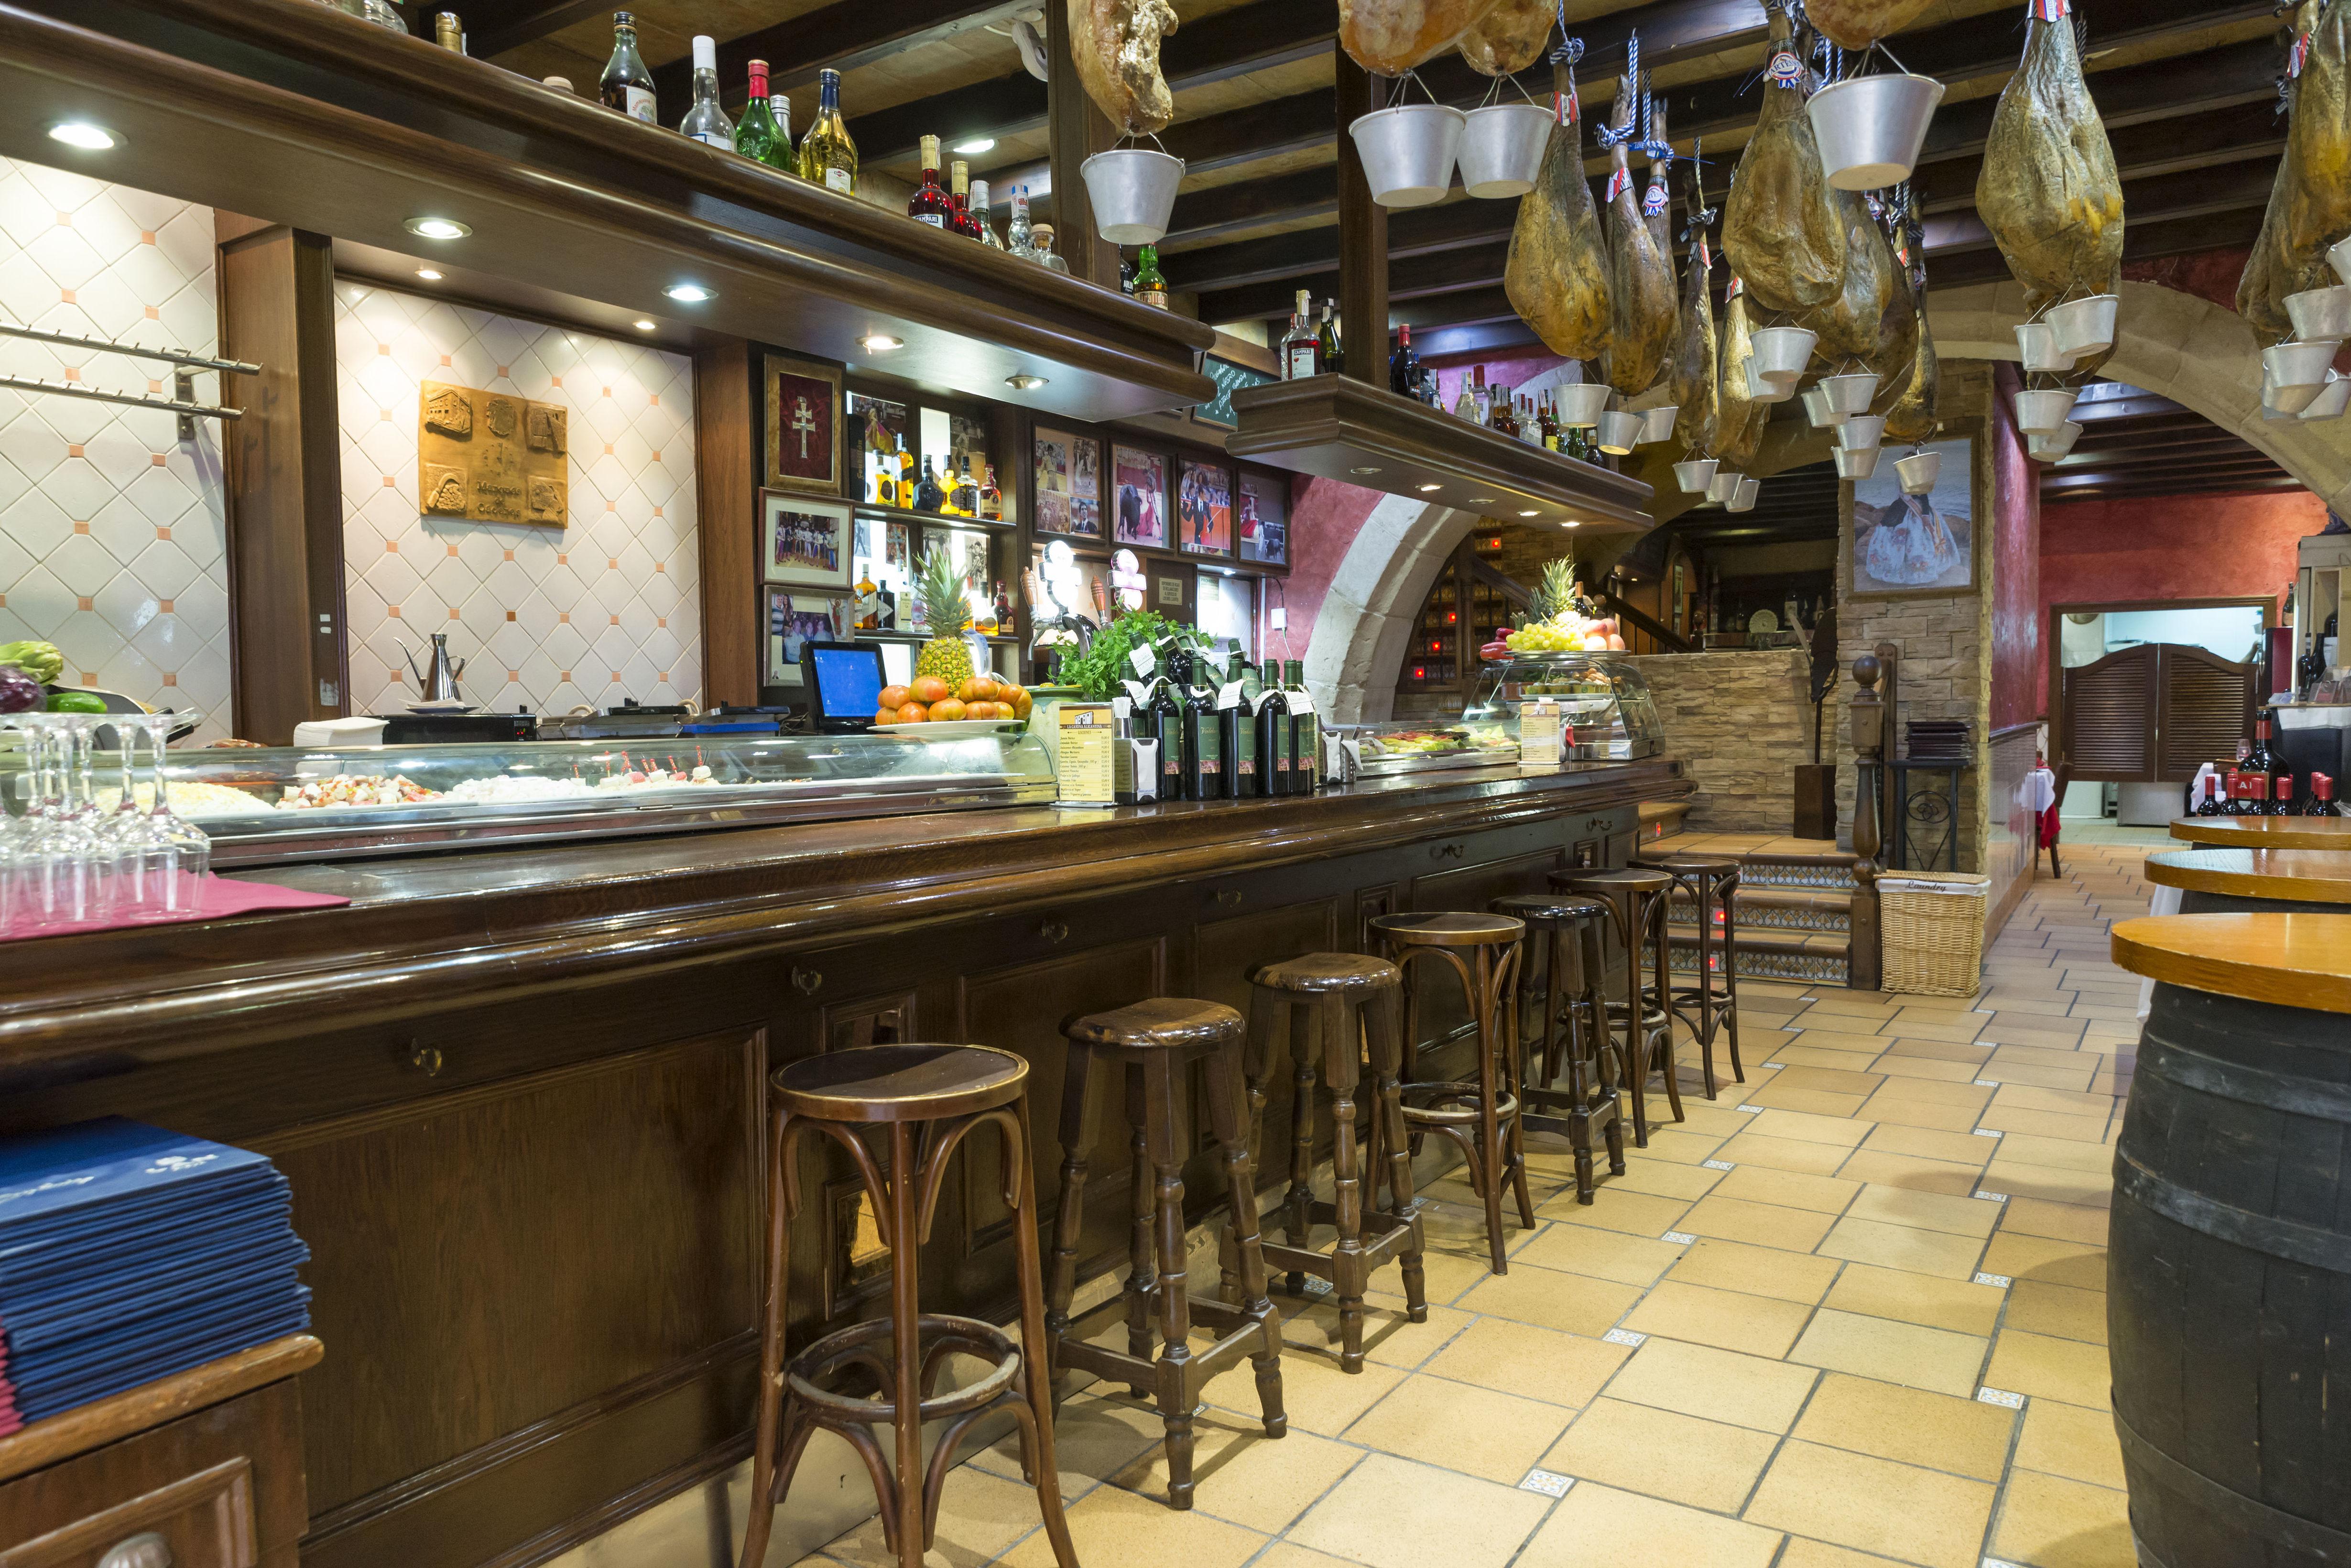 Restaurante para celebraciones familiares en Alicante